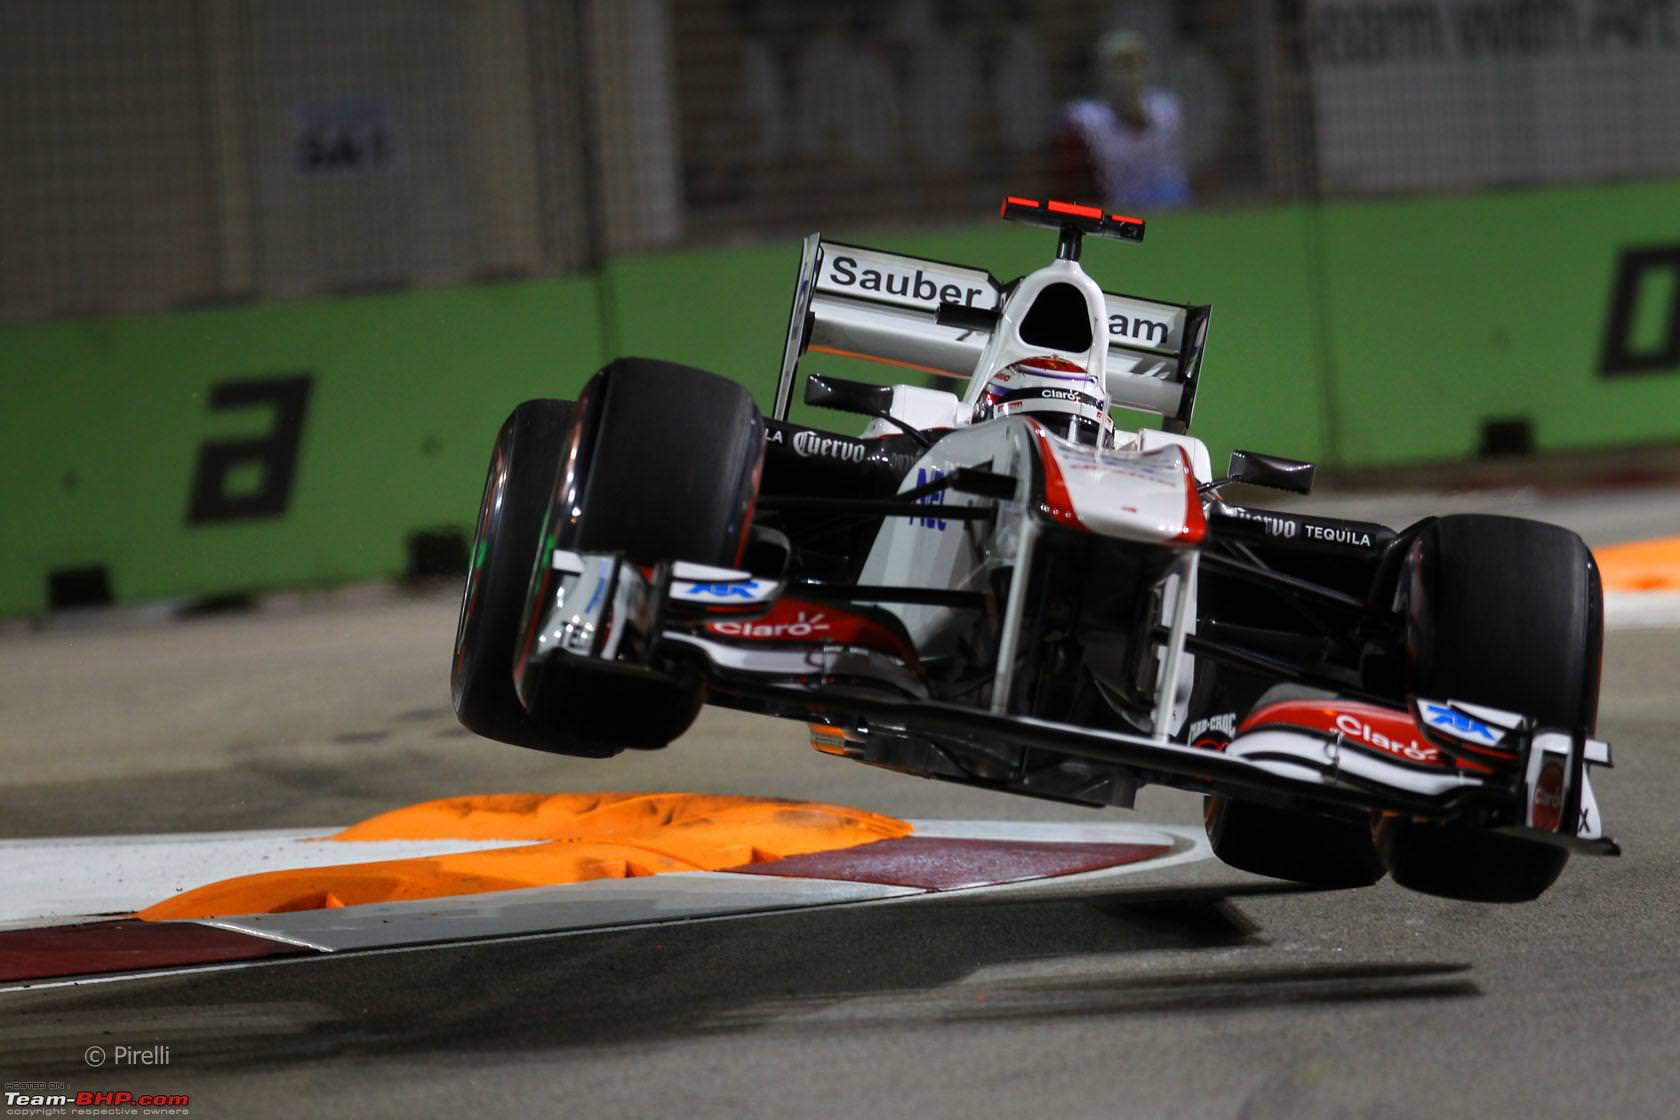 Formula 1: Anumite greşeli comise de piloţi vor fi penalizate cu puncte